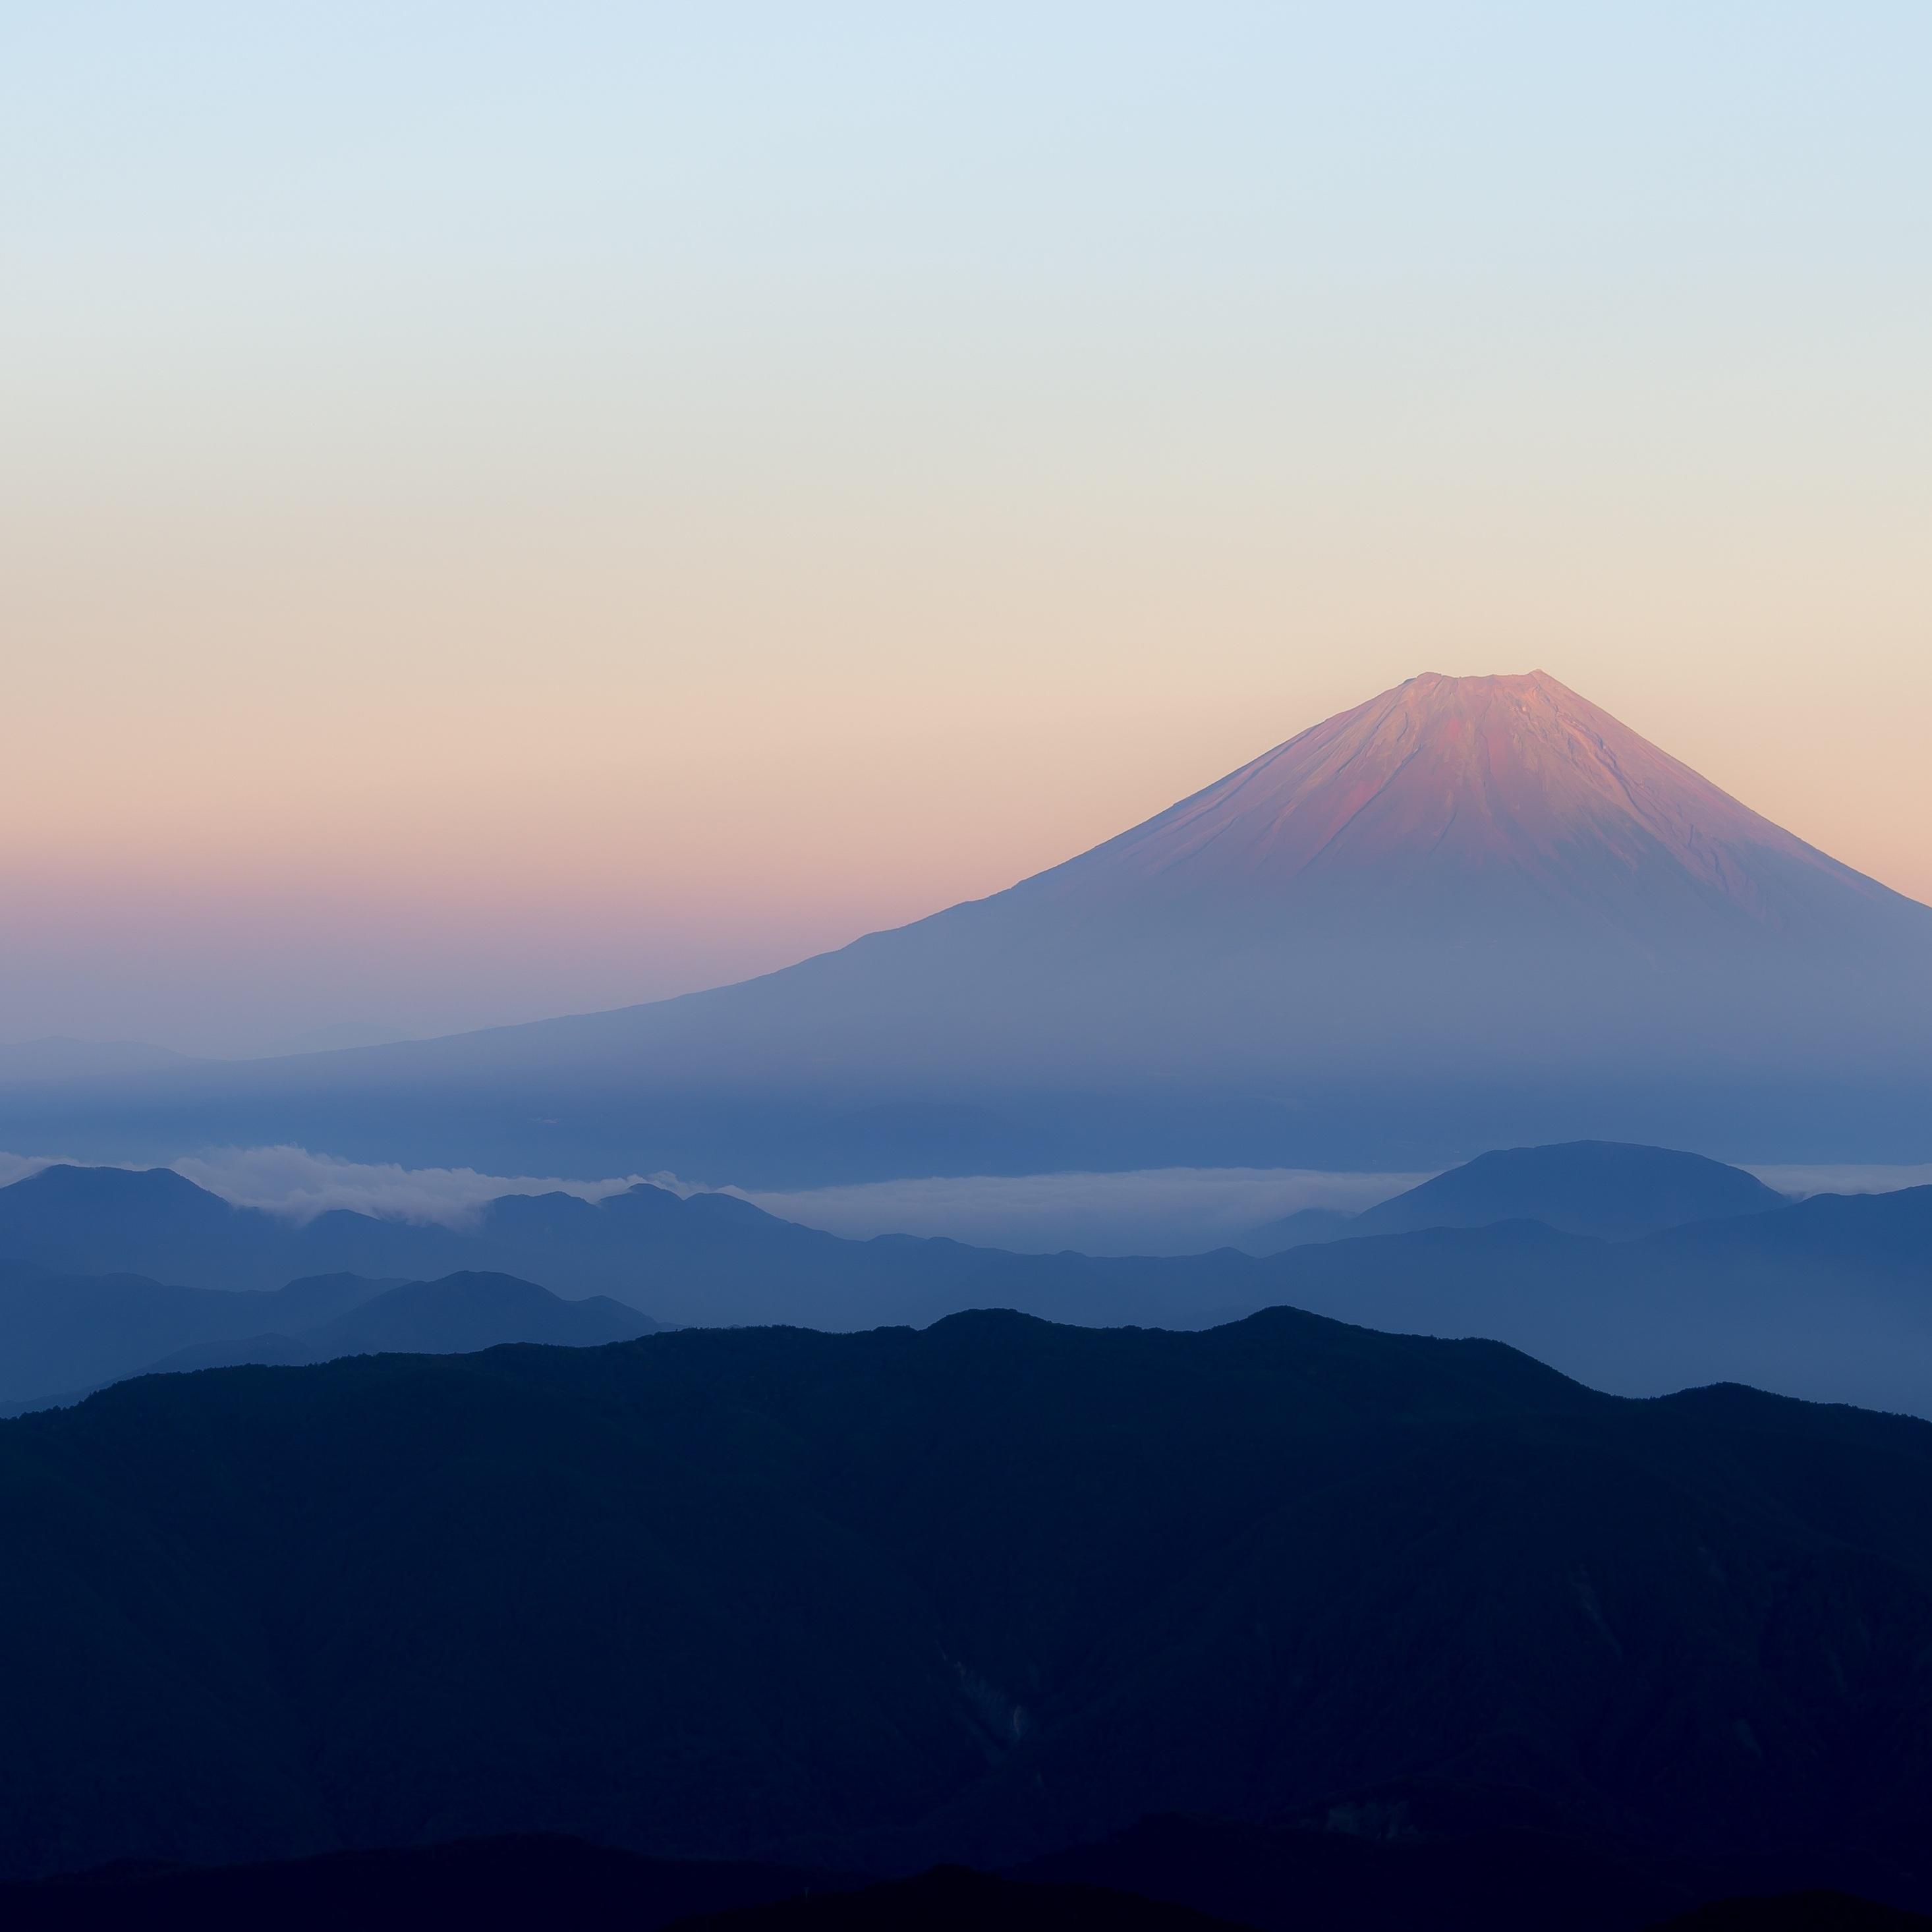 2932x2932 Mt Fuji 4k Ipad Pro Retina Display Hd 4k